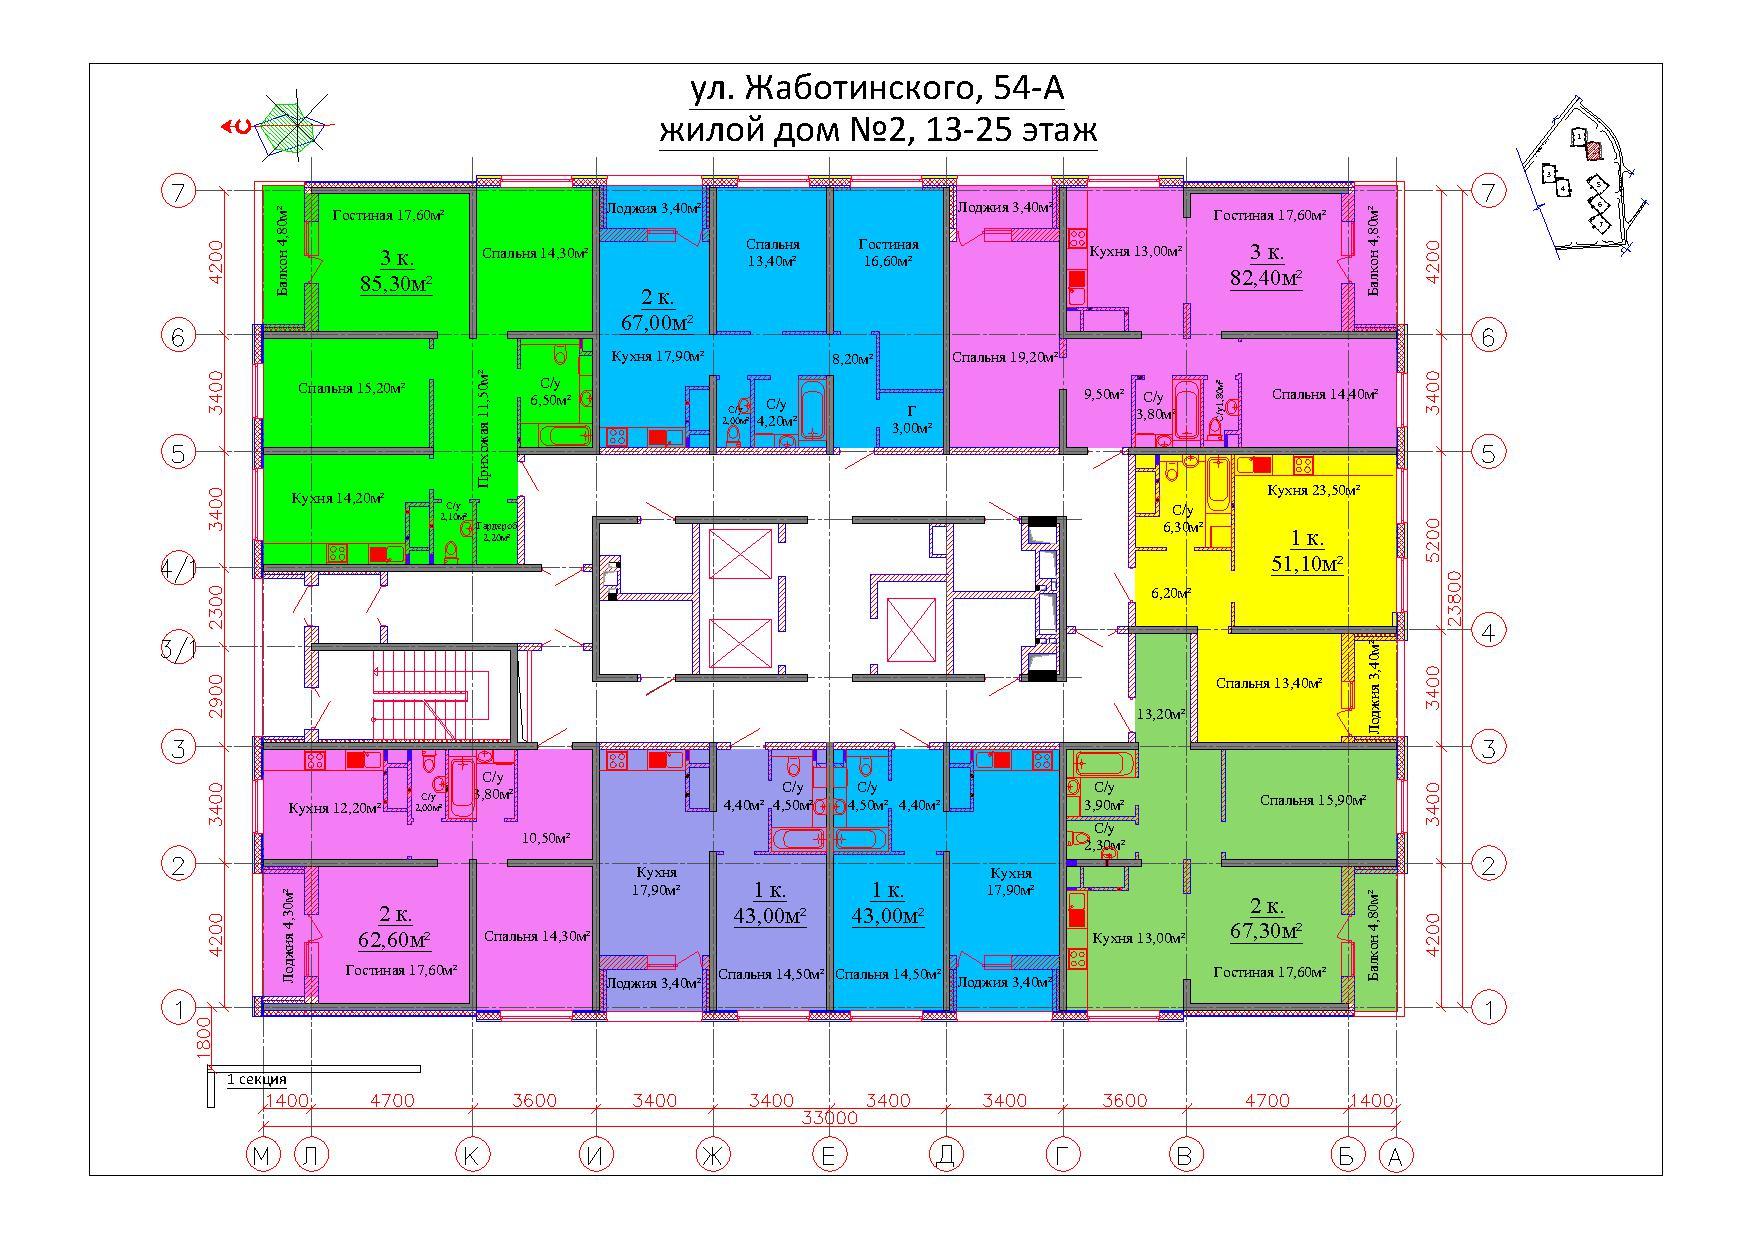 ЖК на Жаботинского Будова (Альтаир 3) / Секция 2 / План 13-25 этажей